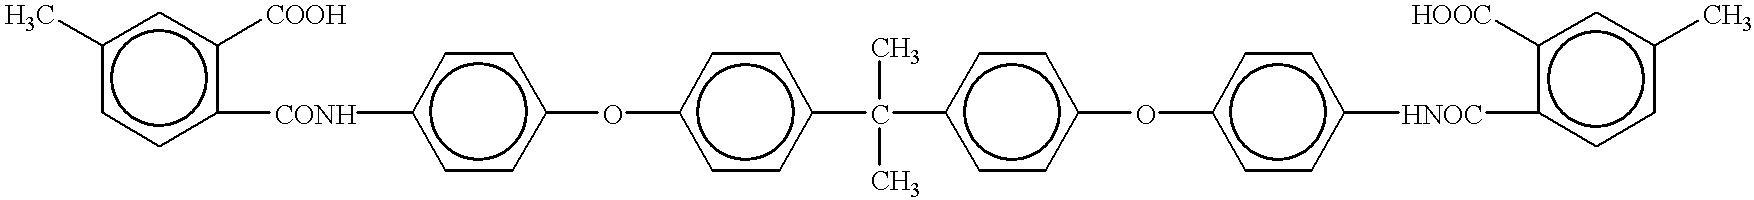 Figure US06180560-20010130-C00536